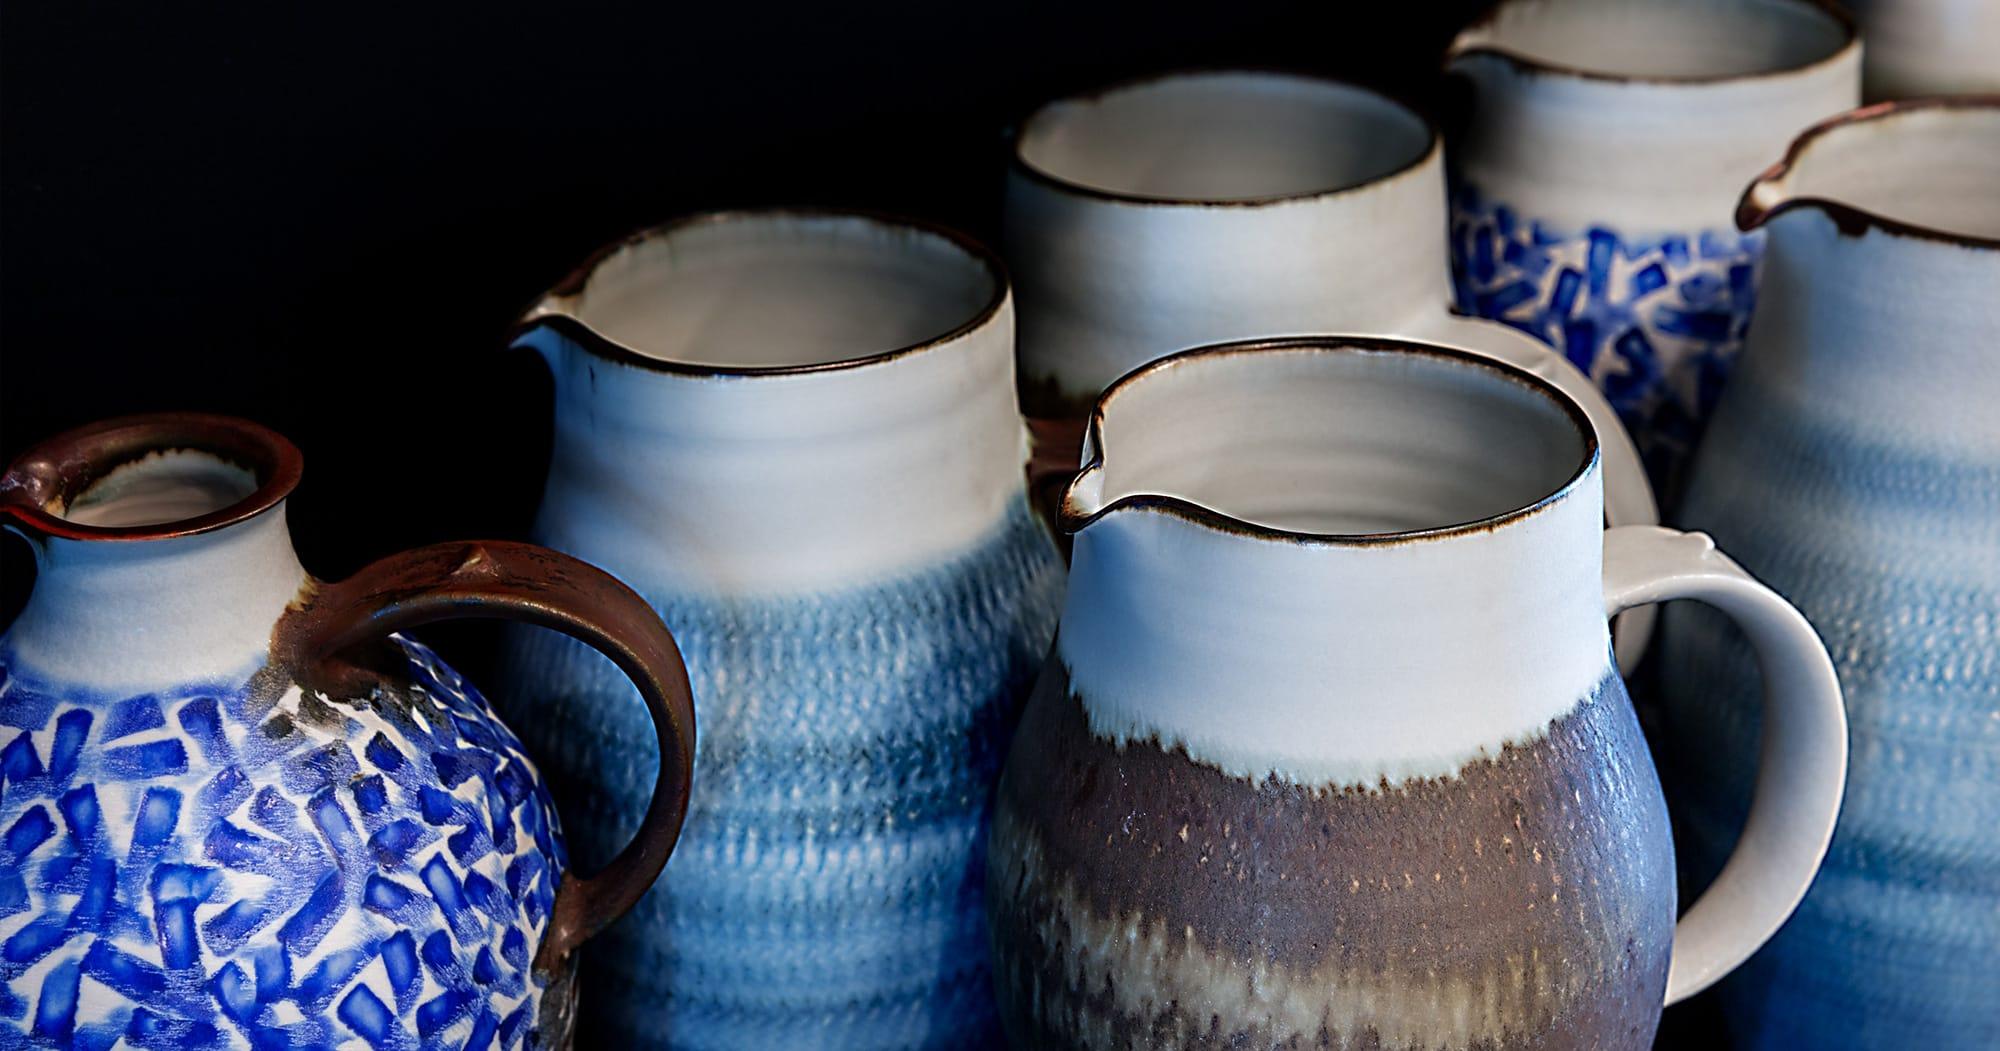 カップや皿の多くは埼玉県入間市で作陶する田中信彦の作品。